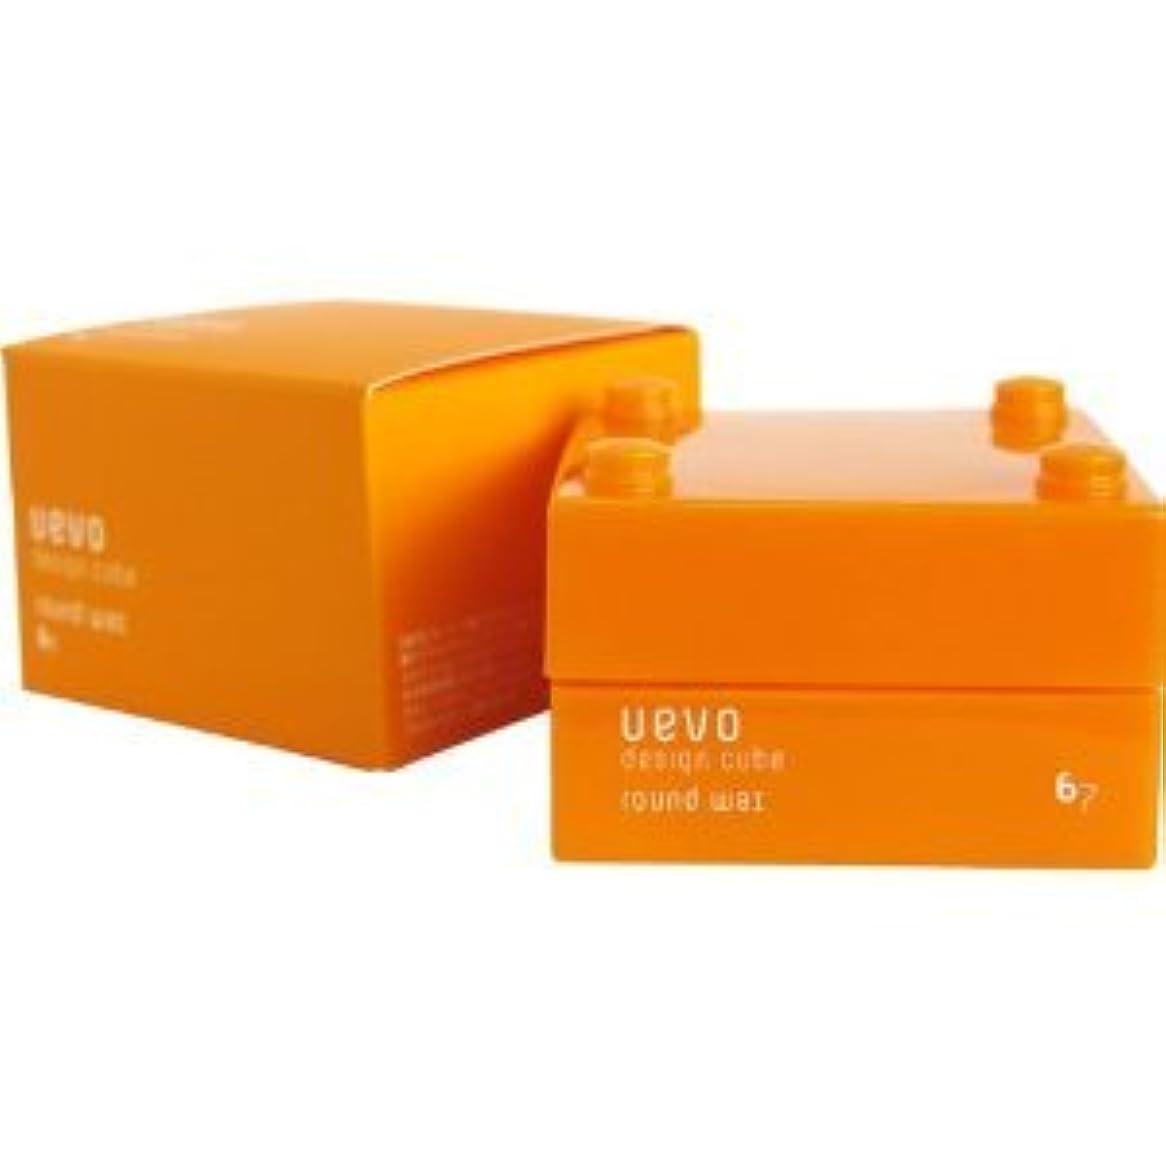 浸す魅了する塗抹【X2個セット】 デミ ウェーボ デザインキューブ ラウンドワックス 30g round wax DEMI uevo design cube